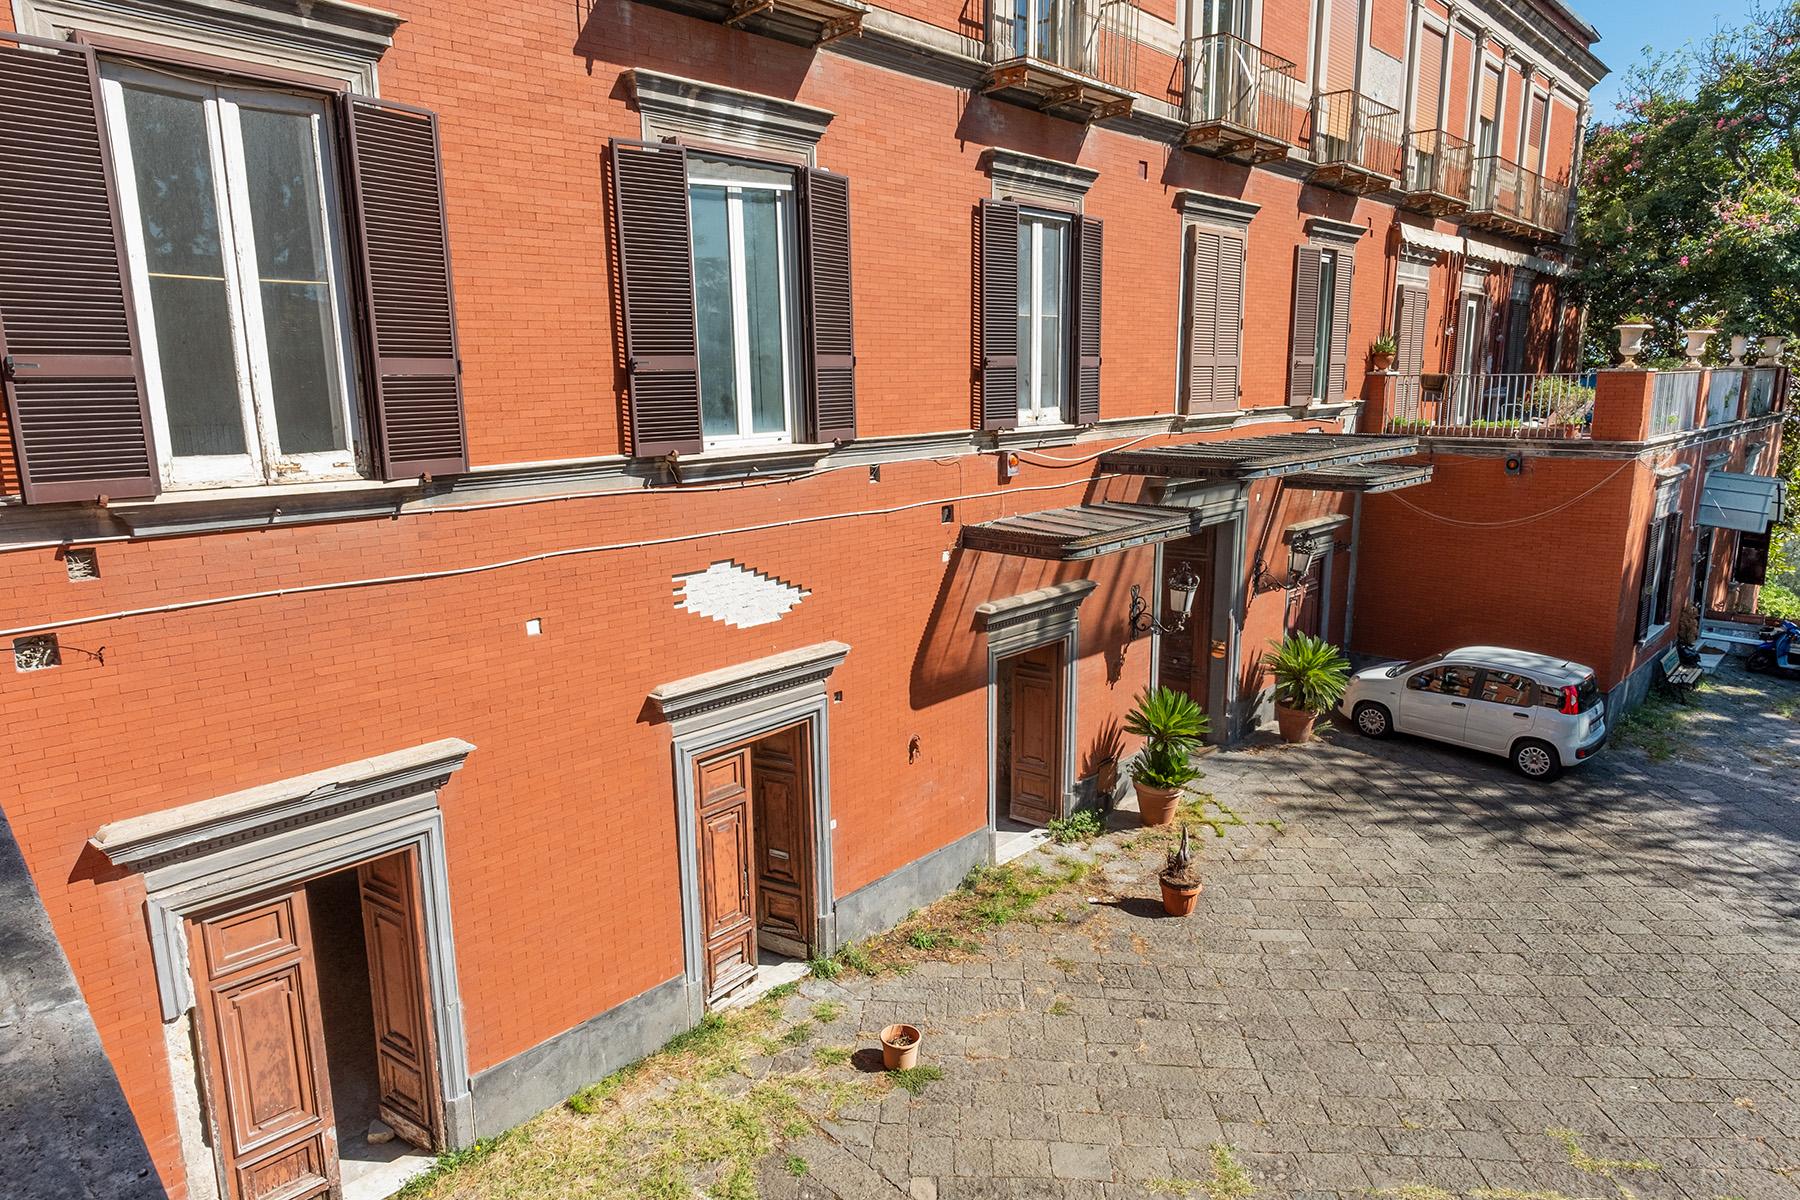 Casa indipendente in Vendita a Napoli: 5 locali, 300 mq - Foto 15